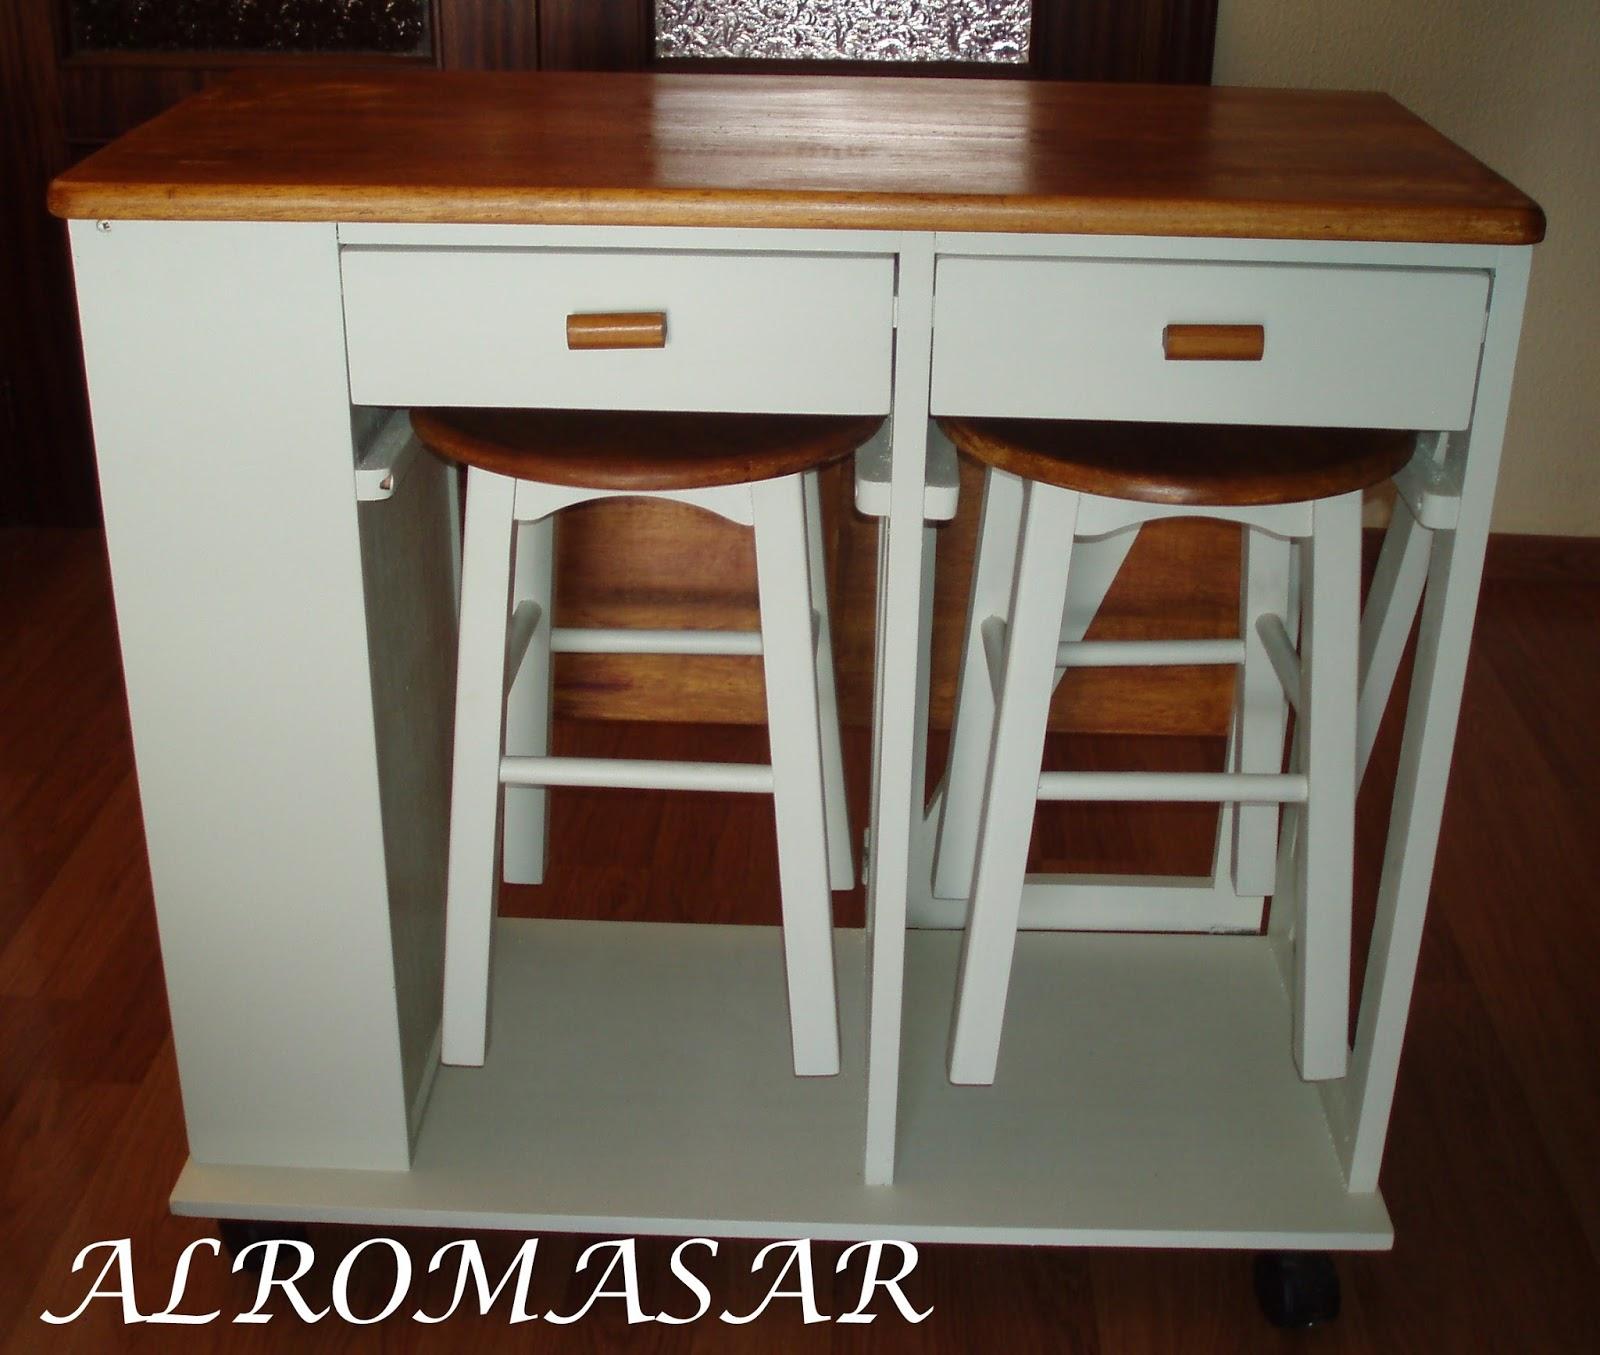 Alromasar restauraci n mesa extensible de cocina - Mesas auxiliares de cocina ...